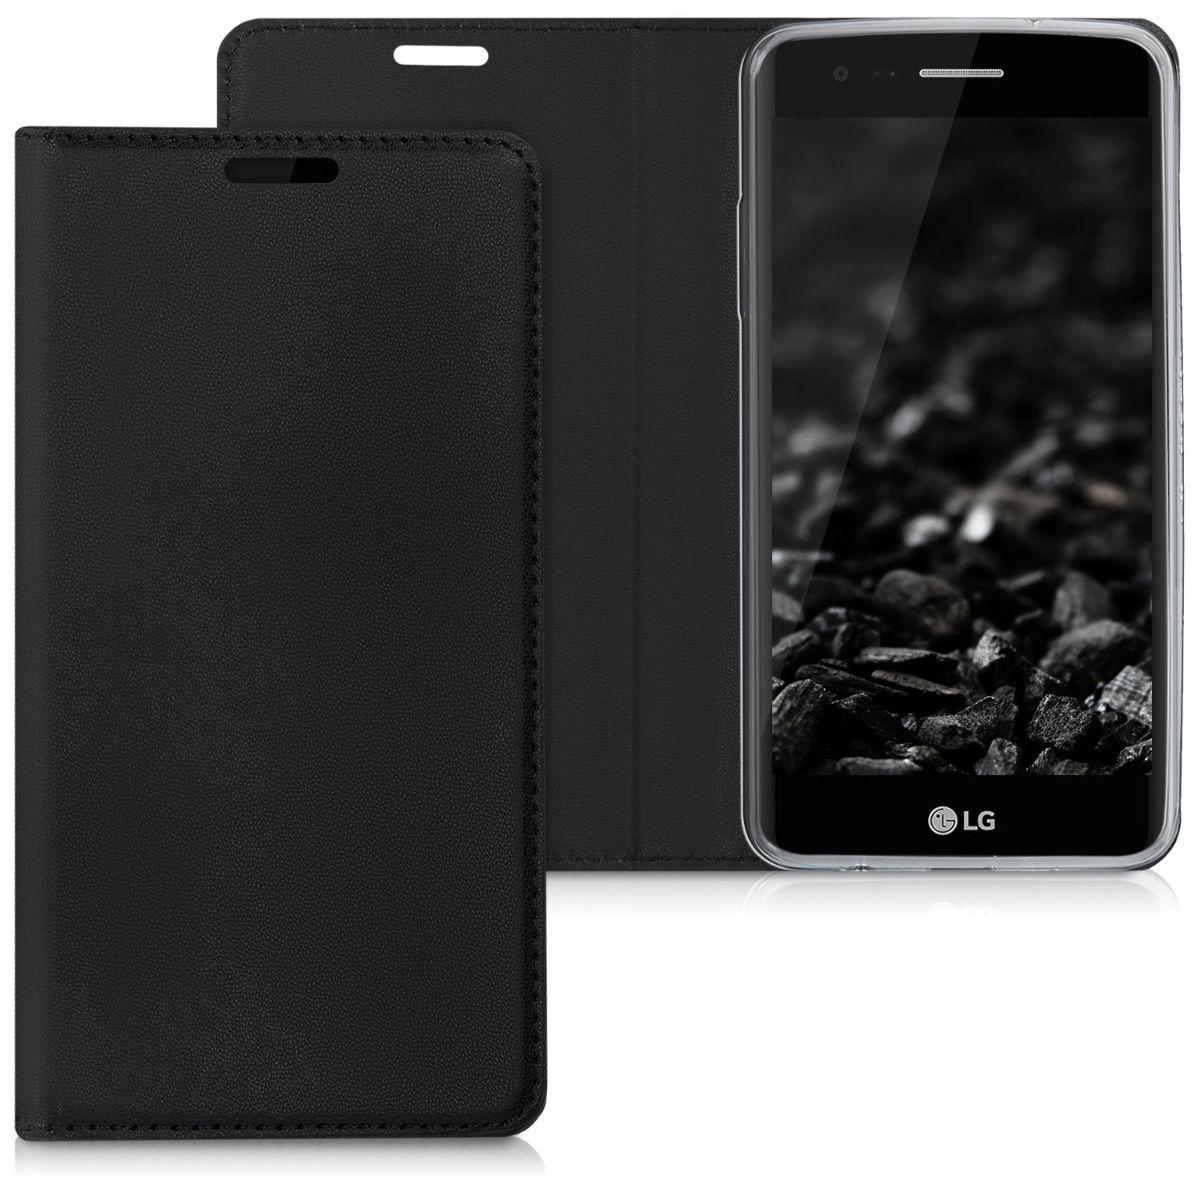 Pouzdro FLIP pro LG K8 (2017) černé